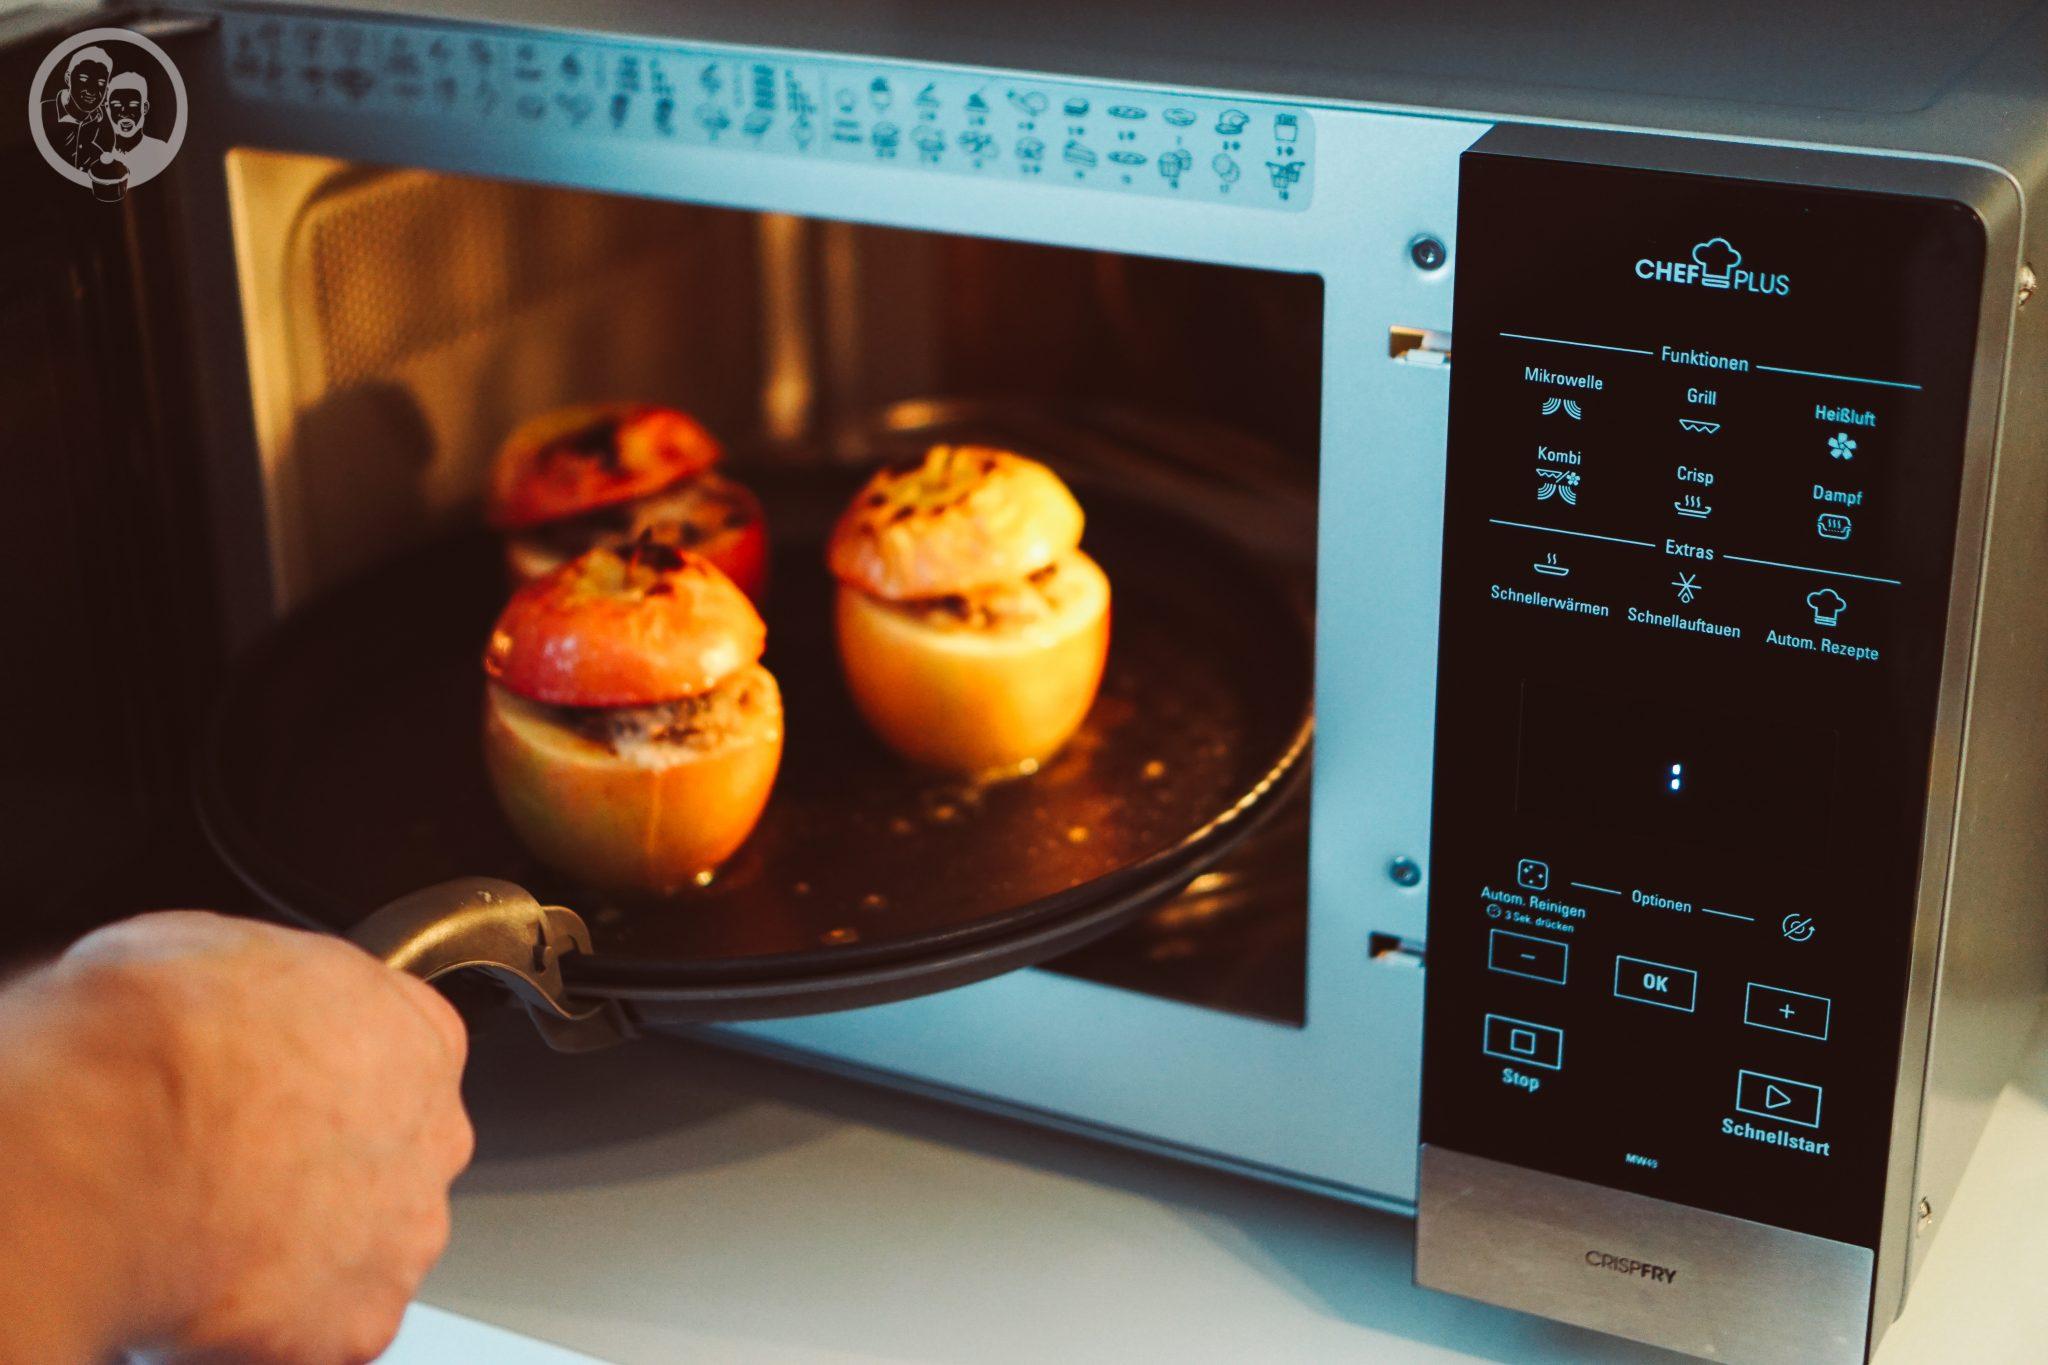 Brat%C3%A4pfel mW 3 | In dieser Adventszeit feiern wir nun schon die zweite Premiere. Wir haben ja schon das erste Mal überhaupt ein Lebkuchenhaus zubereitet und nun hat Sascha seinen ersten Bratapfel gemacht.